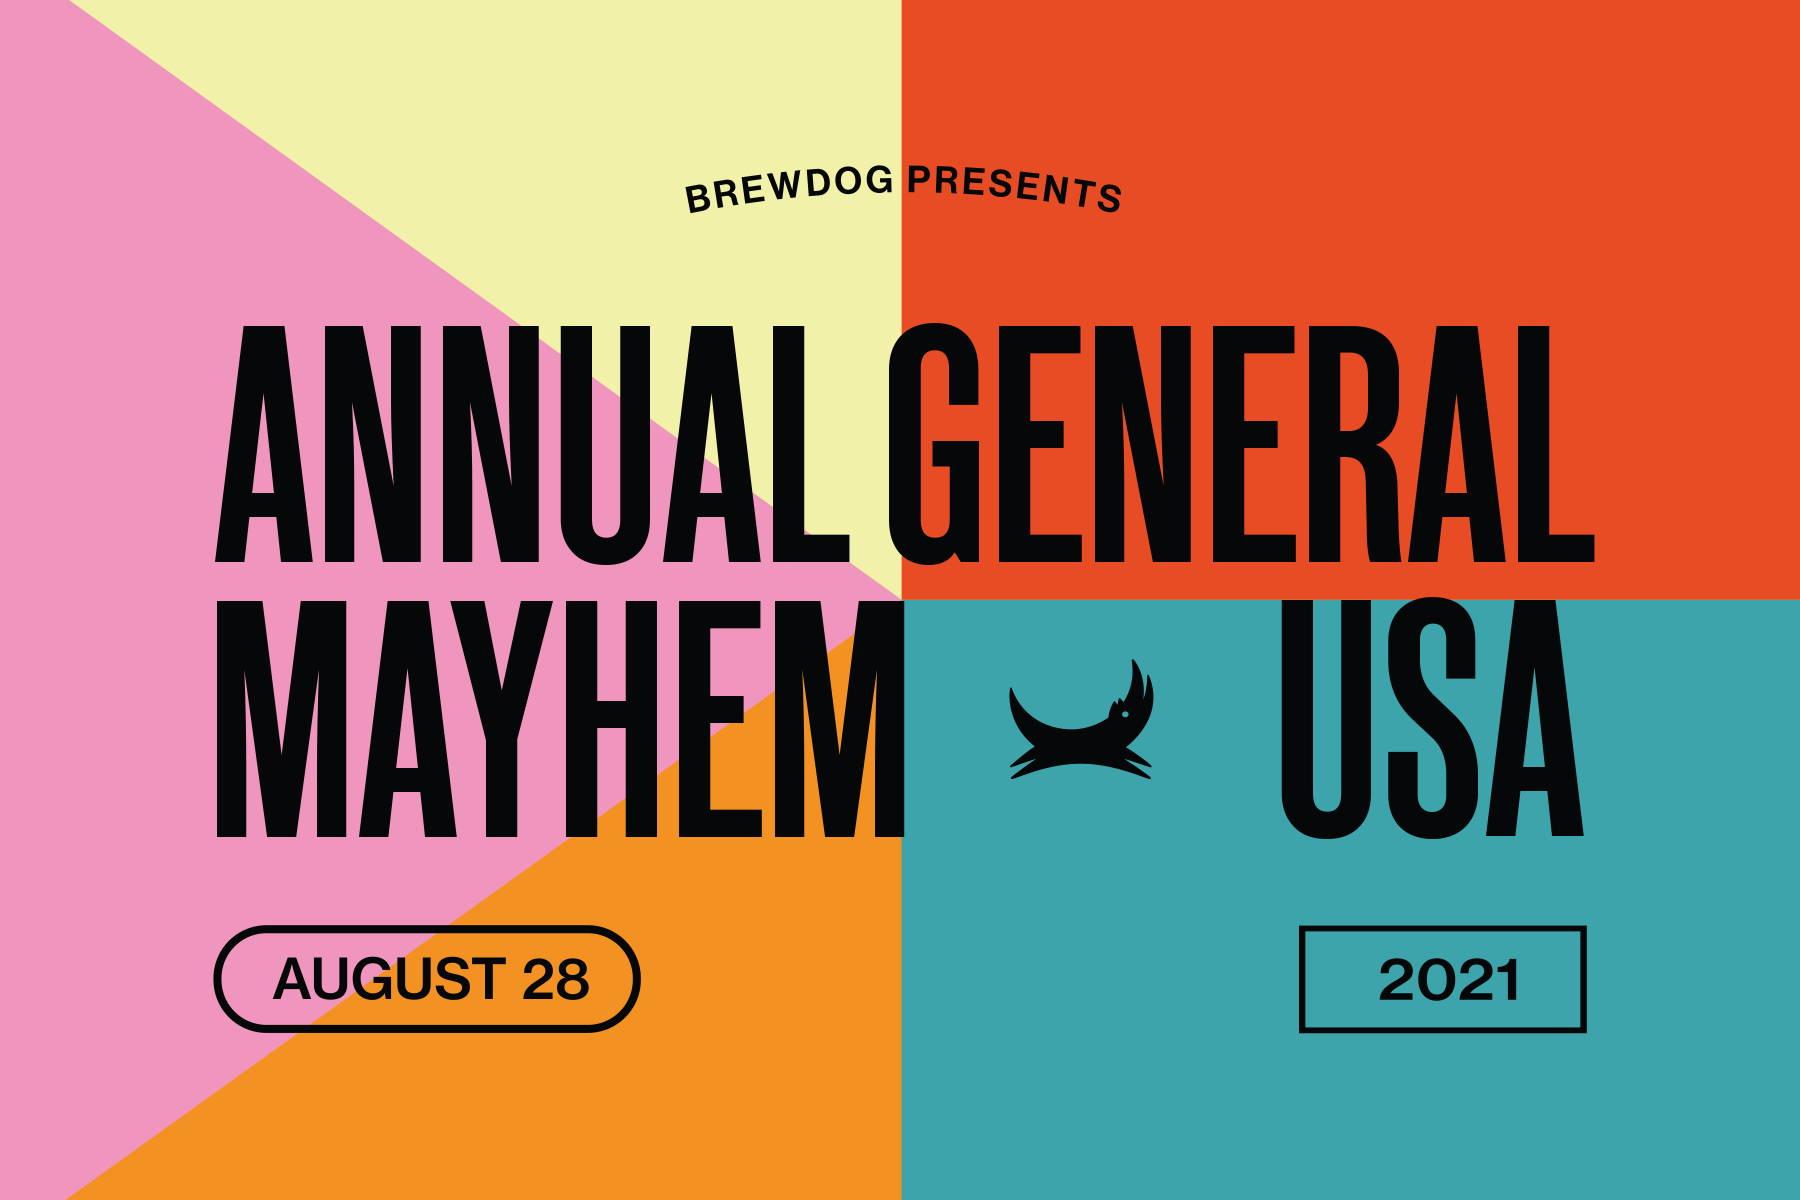 Annual General Mayhem. August 28, 2021